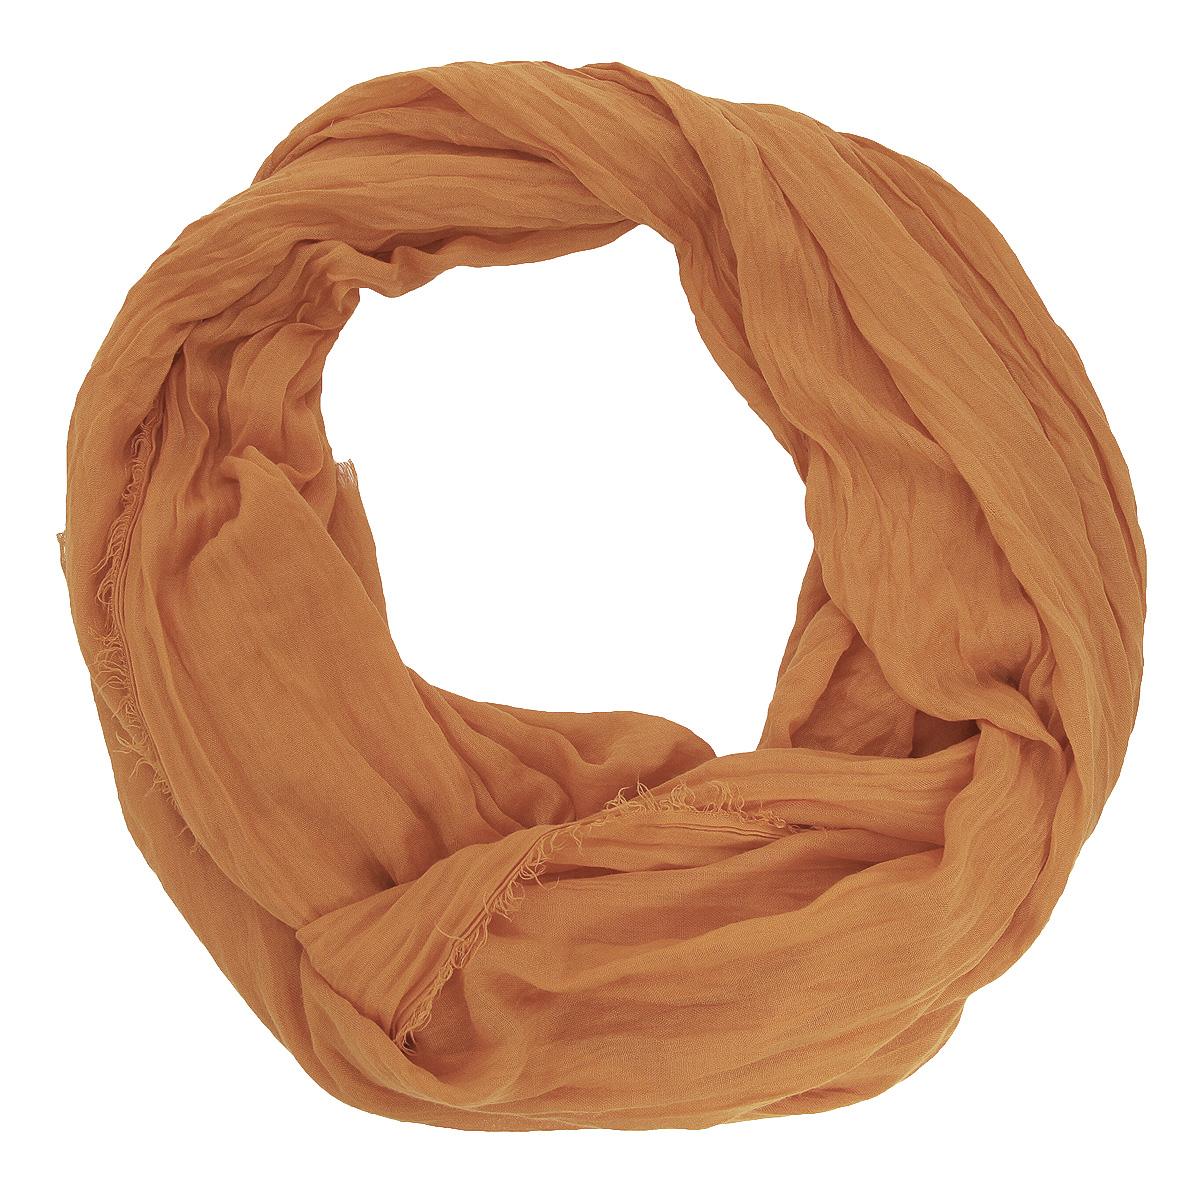 Палантин Venera, цвет: светло-коричневыый. 3401041-19. Размер 100 см х 190 см3401041-19 ПалантинОчаровательный палантин Venera подчеркнет ваш неповторимый образ. Изделие выполнено из вискозы в лаконичном дизайне. По краю палантин декорирован бахромой. Материал очень мягкий и приятный на ощупь, хорошо драпируется. Этот модный аксессуар женского гардероба гармонично дополнит образ современной женщины, следящей за своим имиджем и стремящейся всегда оставаться стильной и элегантной.